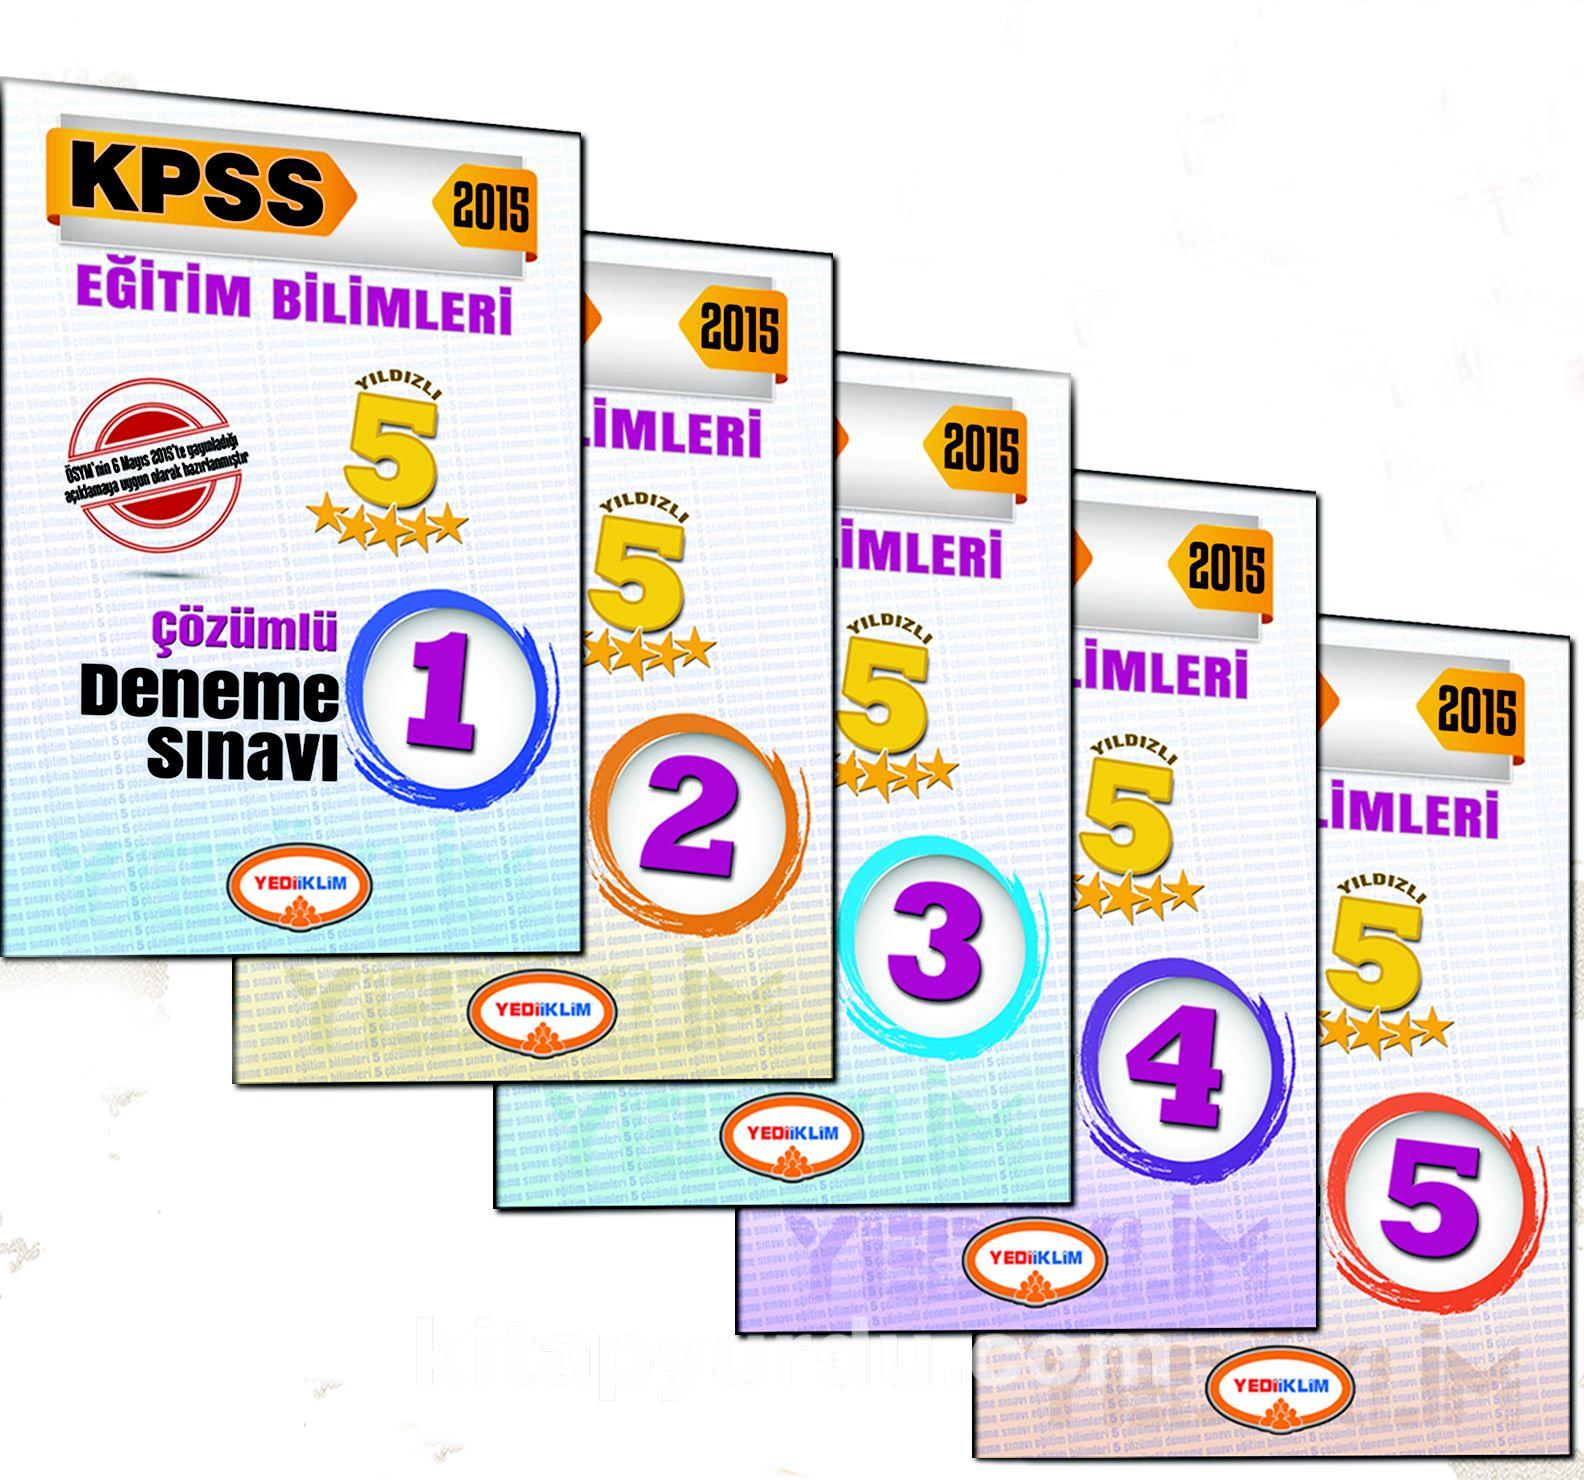 2015 KPSS Eğitim Bilimleri 5 Yıldızlı Fasikül Fasikül 5 Çözümlü Deneme (5 Kitap) - Kollektif pdf epub